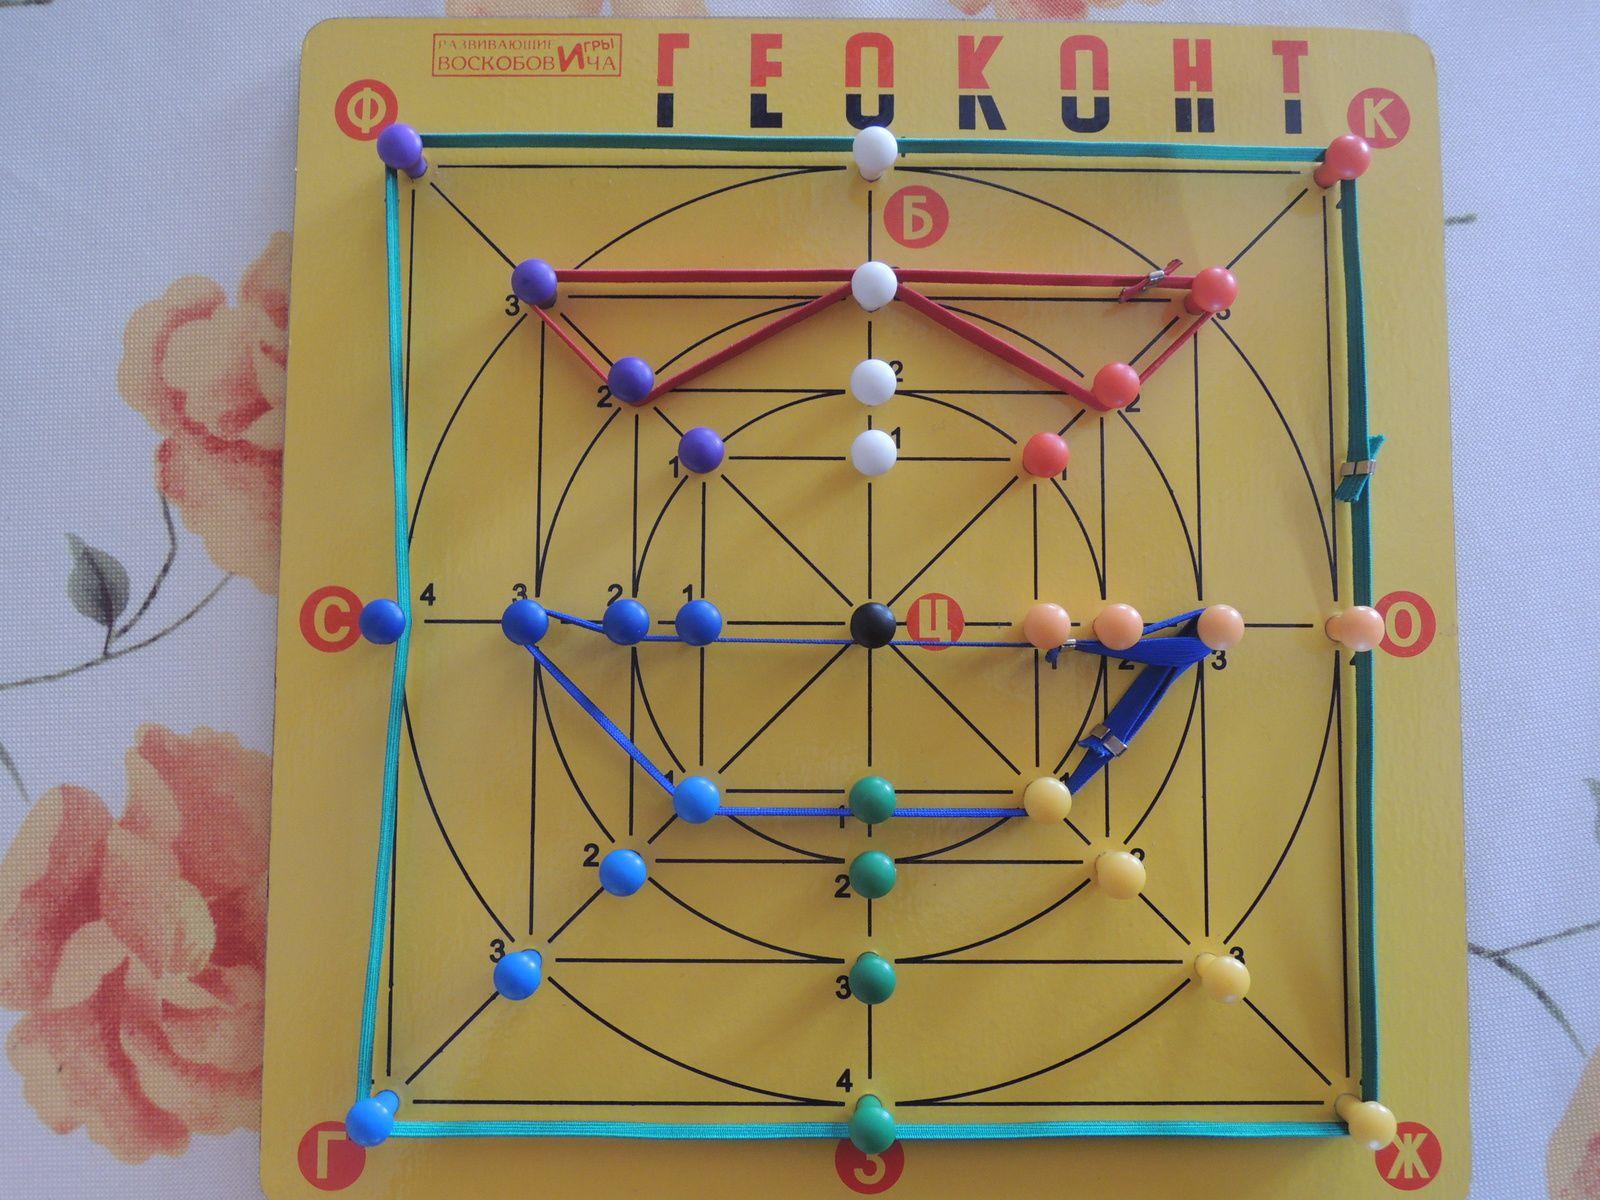 Cette planche géométrique, je l'ai amenée de Russie, c'est pour ça qu'elle est avec des lettres cyrilliques. Mais on peut la fabriquer soi-même, on trouve facilement les explications sur Internet.